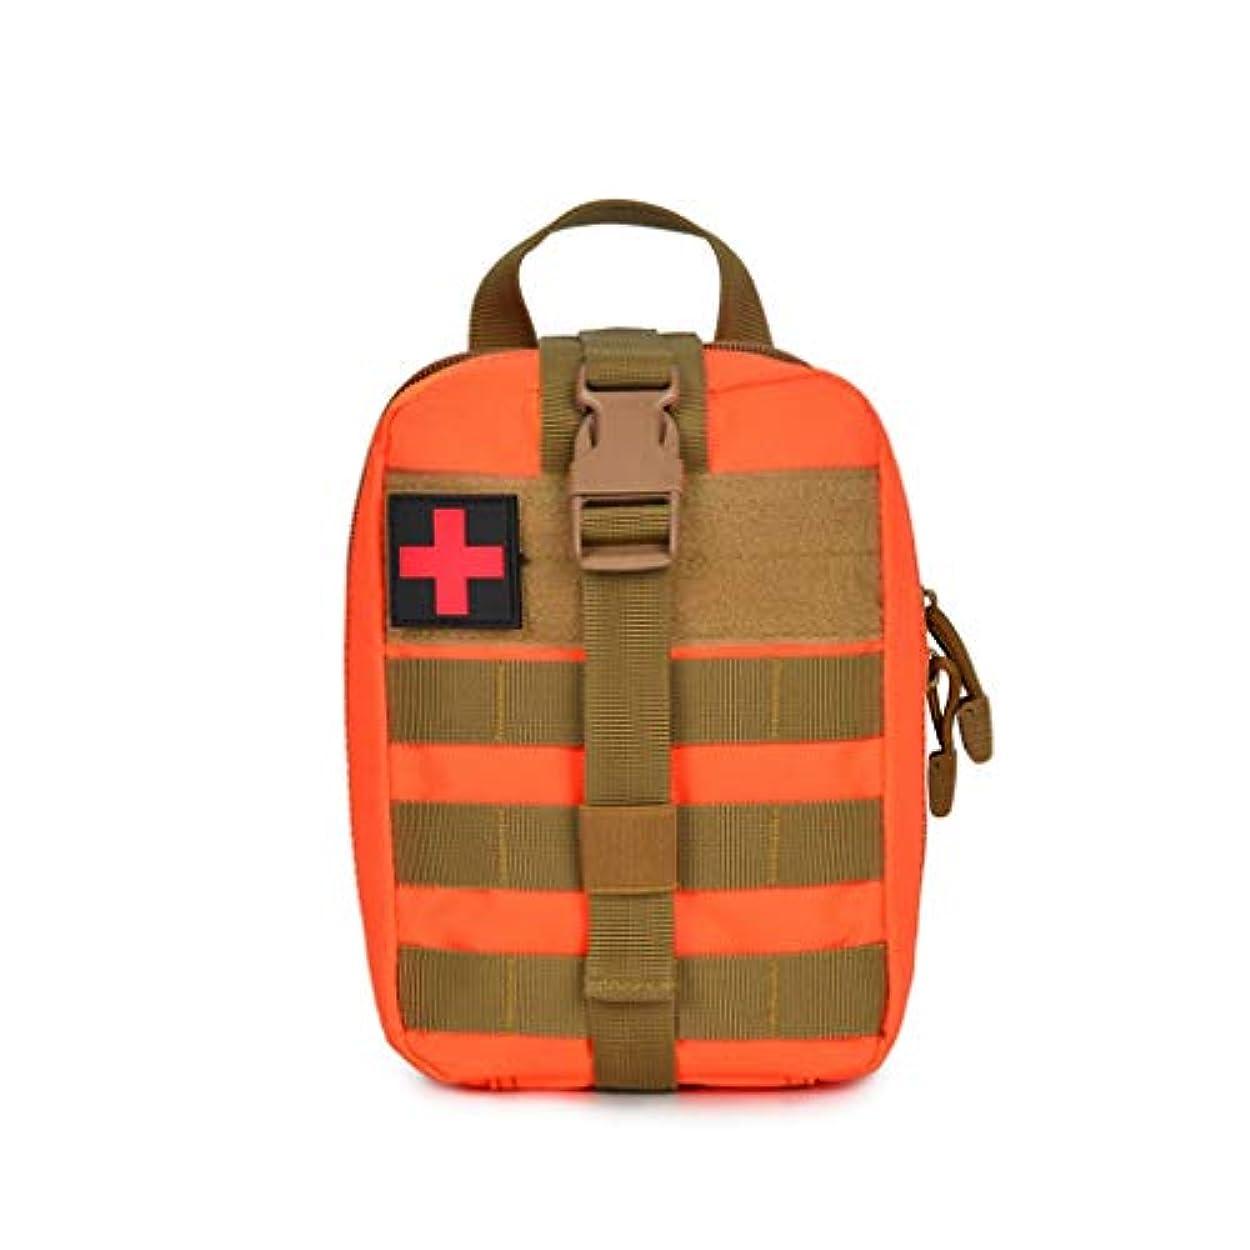 もちろん鏡スポークスマンLWBUKK トラウマの医療キット、屋外ポータブル医療キット、救急医療の家庭用ポータブルトラベル入場パッケージ 医療箱 (Color : A)